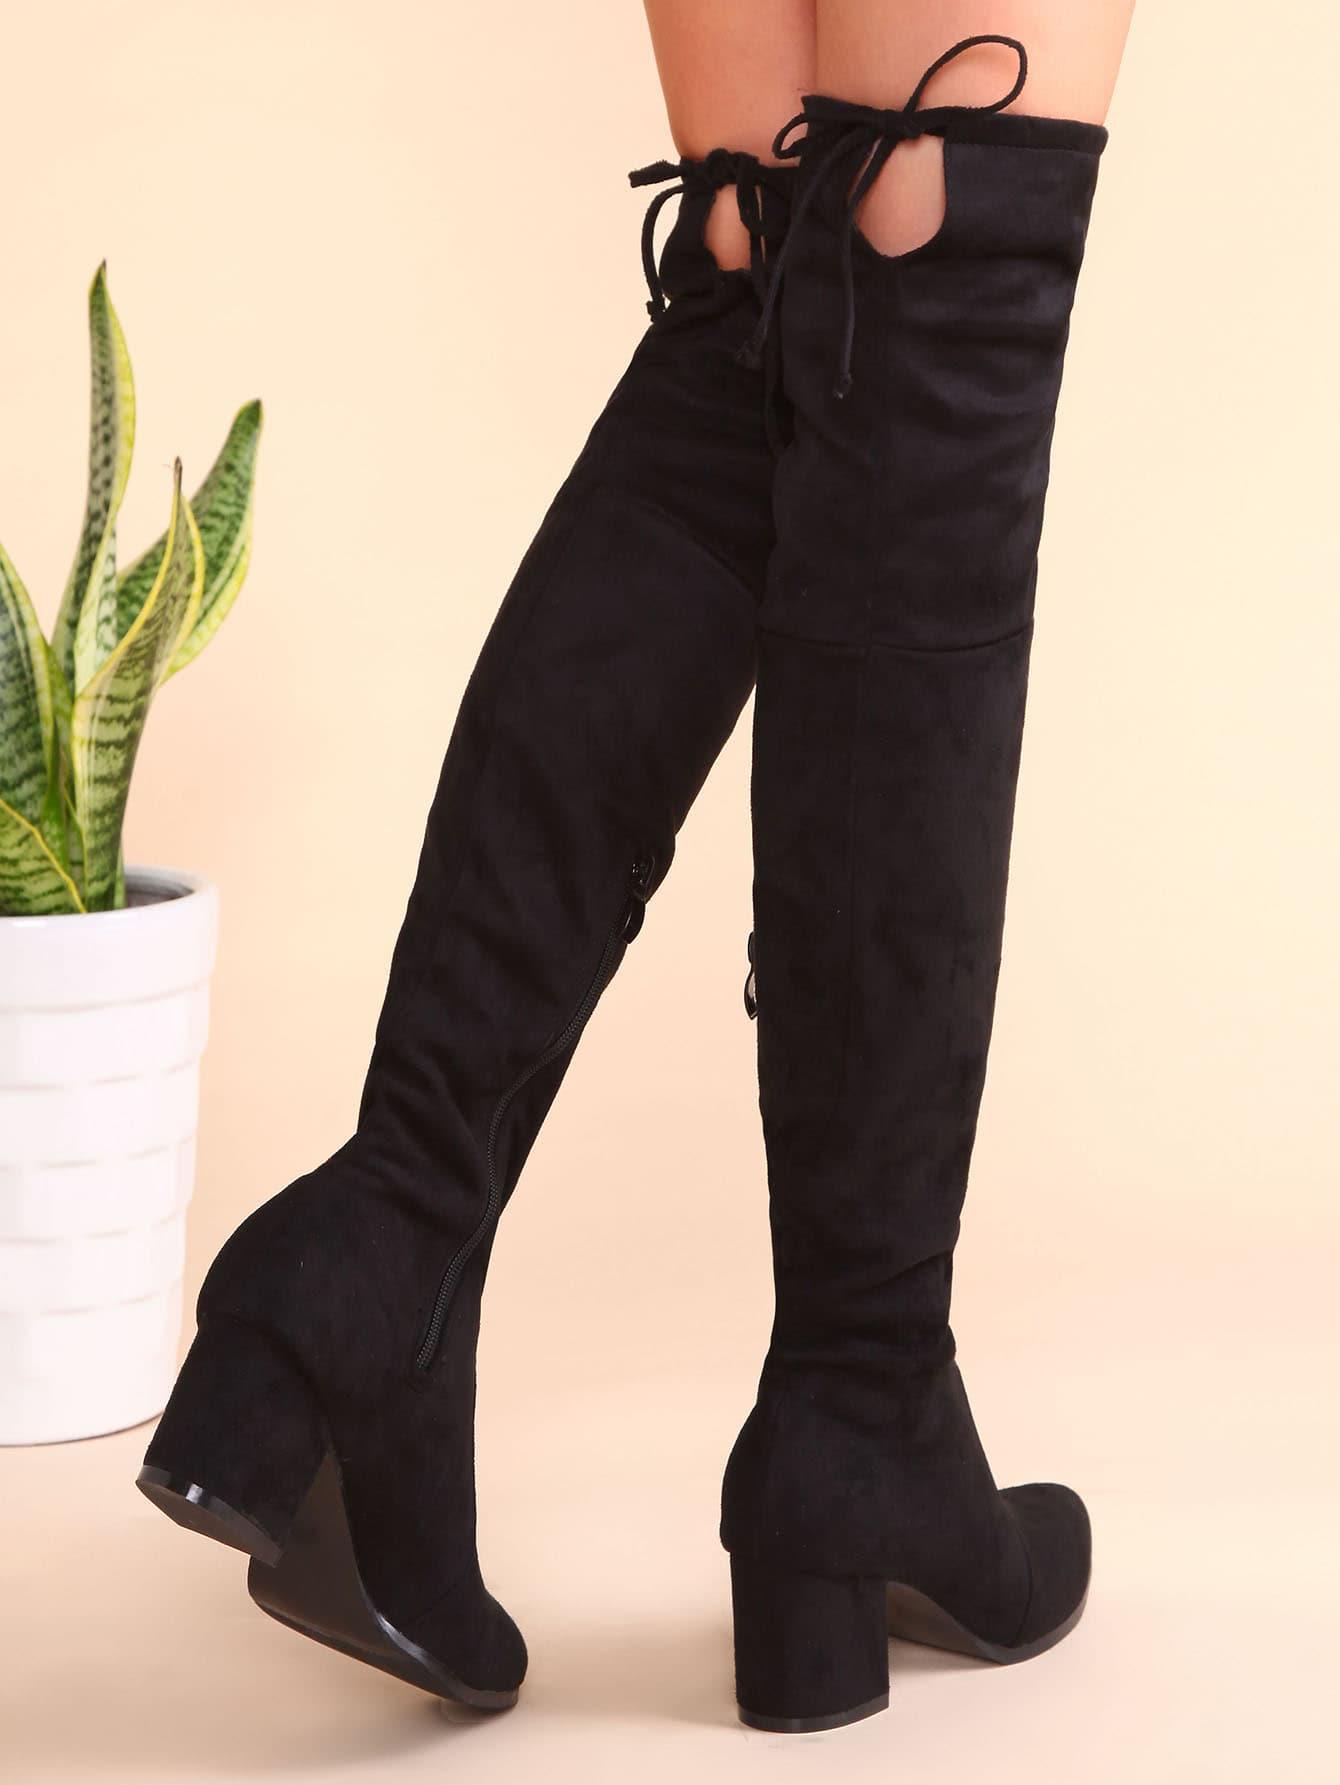 shoes161110809_2